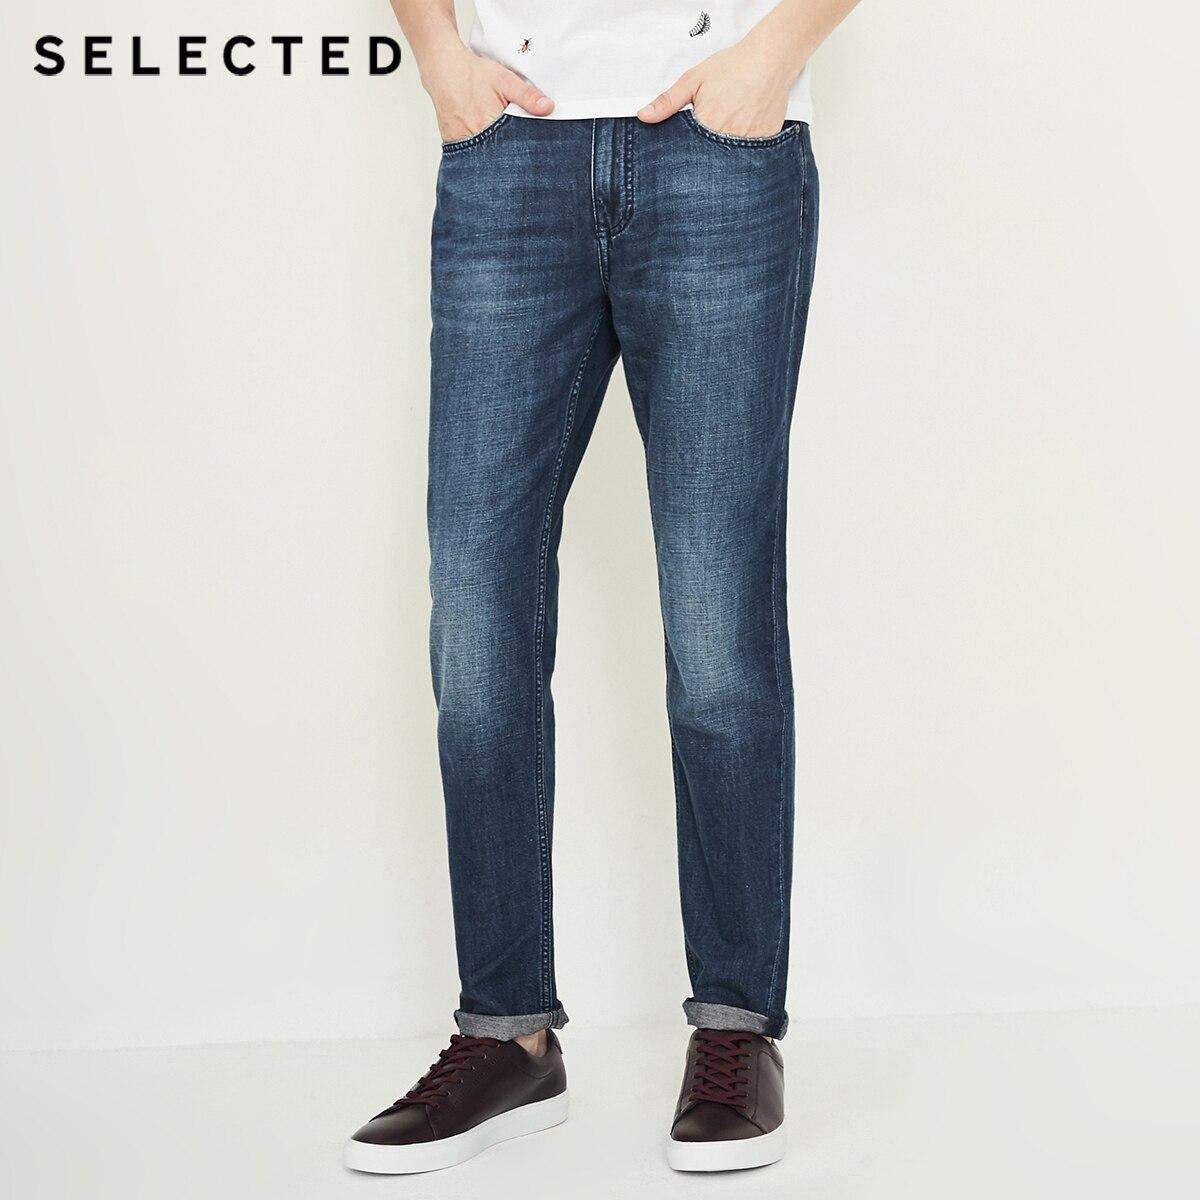 SELECTED Men Jeans Modis Cotton & Linen Do Old Edge Grinding Prewashed Male Casual Denim Pants C   418332513